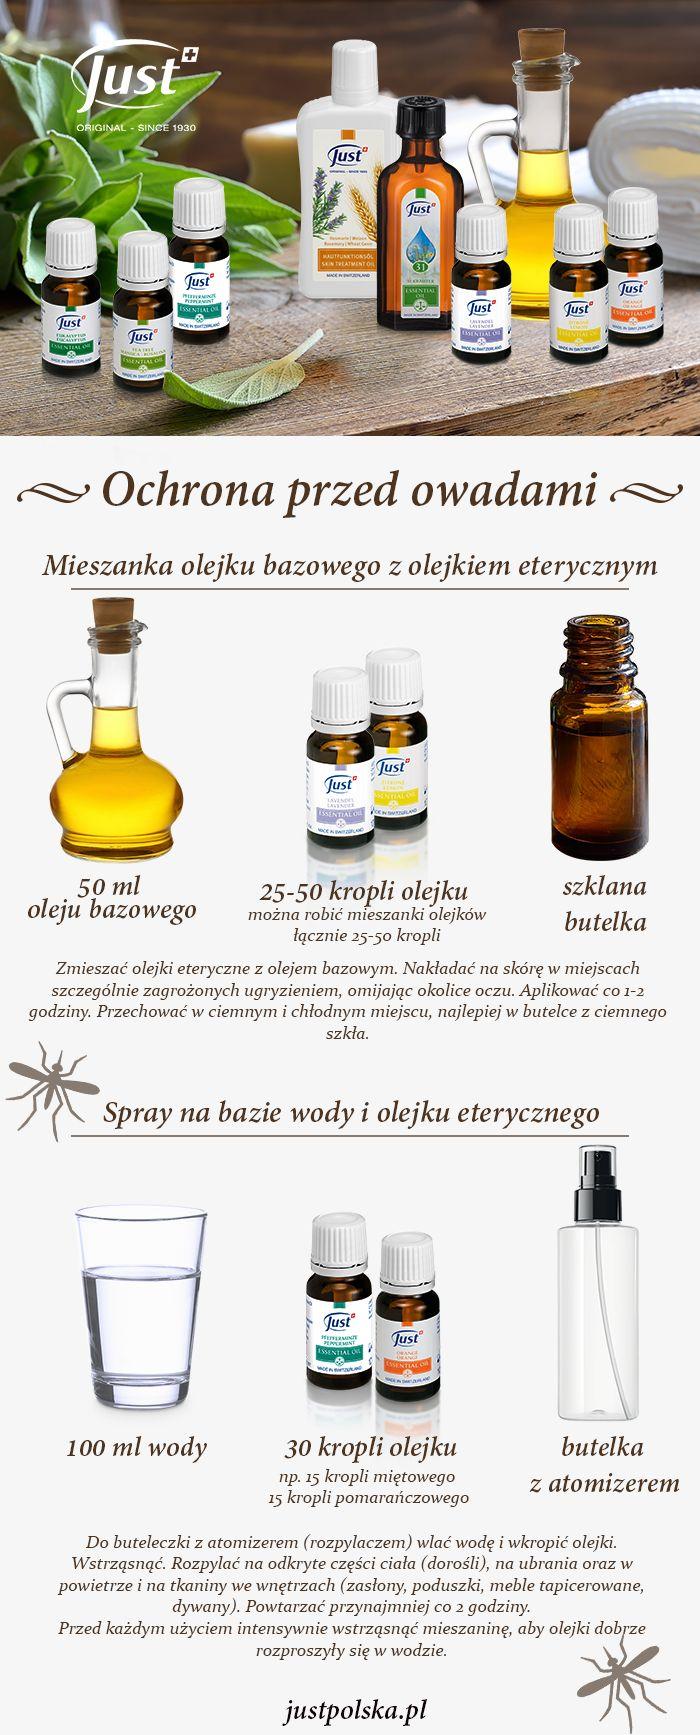 #olejki #eteryczne #diy #komary #sposób #just #polska #justpolska Szukasz sposobów na walkę z komarami, kleszczami w okresie letnim? Zobacz jakie olejki eteryczne polecamy: Olejek eukaliptusowy 10 ml: komary,  Olejek lawendowy 10 ml: komary, mole, muchy, pajęczaki, gryzonie  Olejek miętowy 10 ml: komary, pająki, mrówki Olejek z drzewa herbacianego 10 ml: komary, kleszcze Olejek cytrynowy 10 ml: komary, mole, muchy, mrówki. Olejek pomarańczowy: komary Olejek tymiankowy 10 ml: meszki